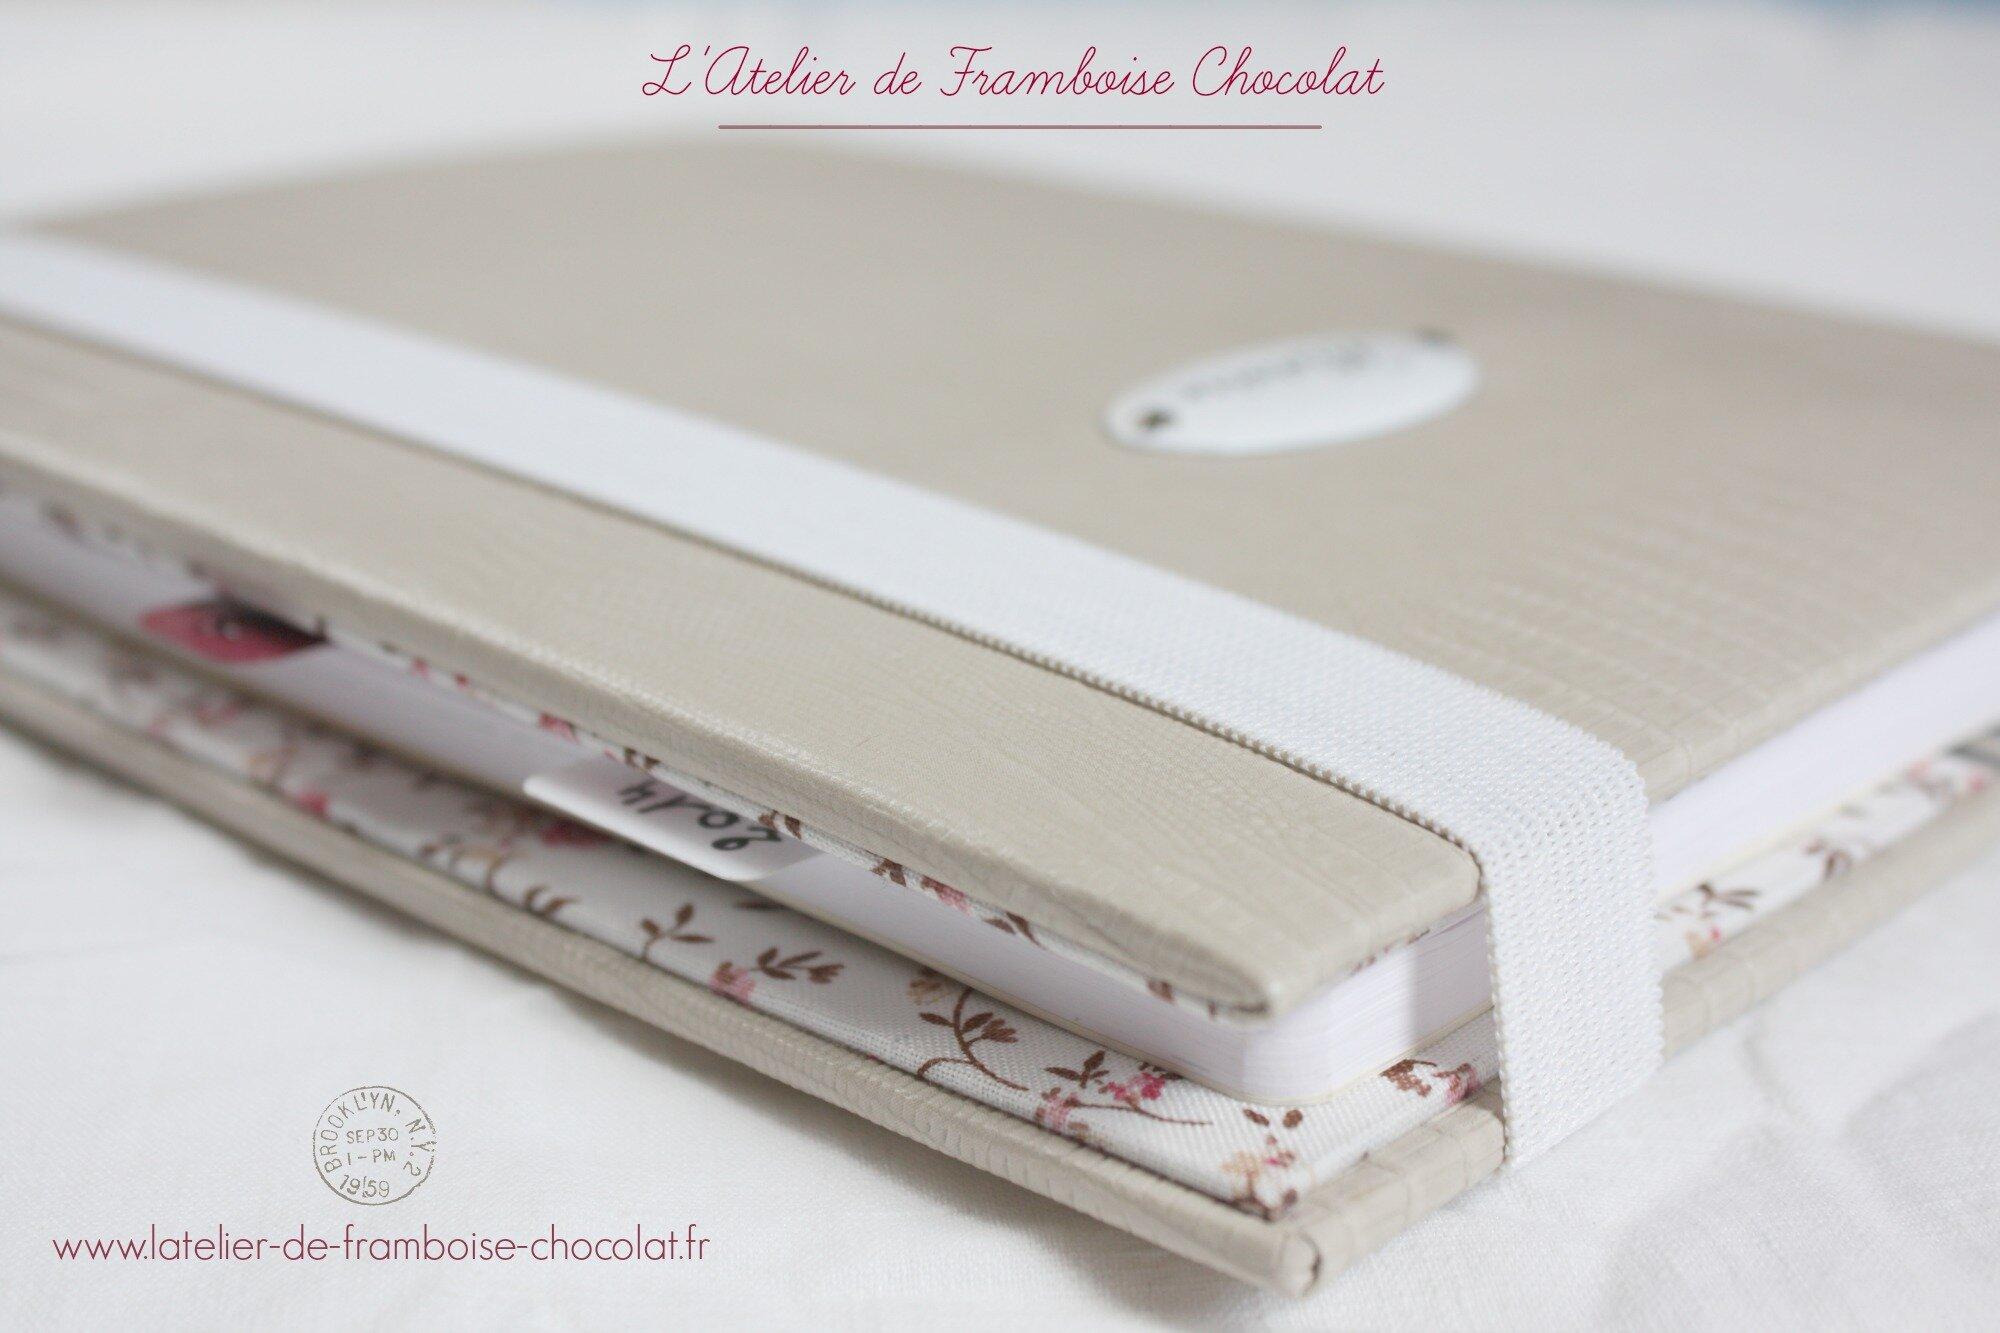 La Theiere De Bois Versailles - Agenda 2013 2014 L'Atelier de Framboise Chocolat